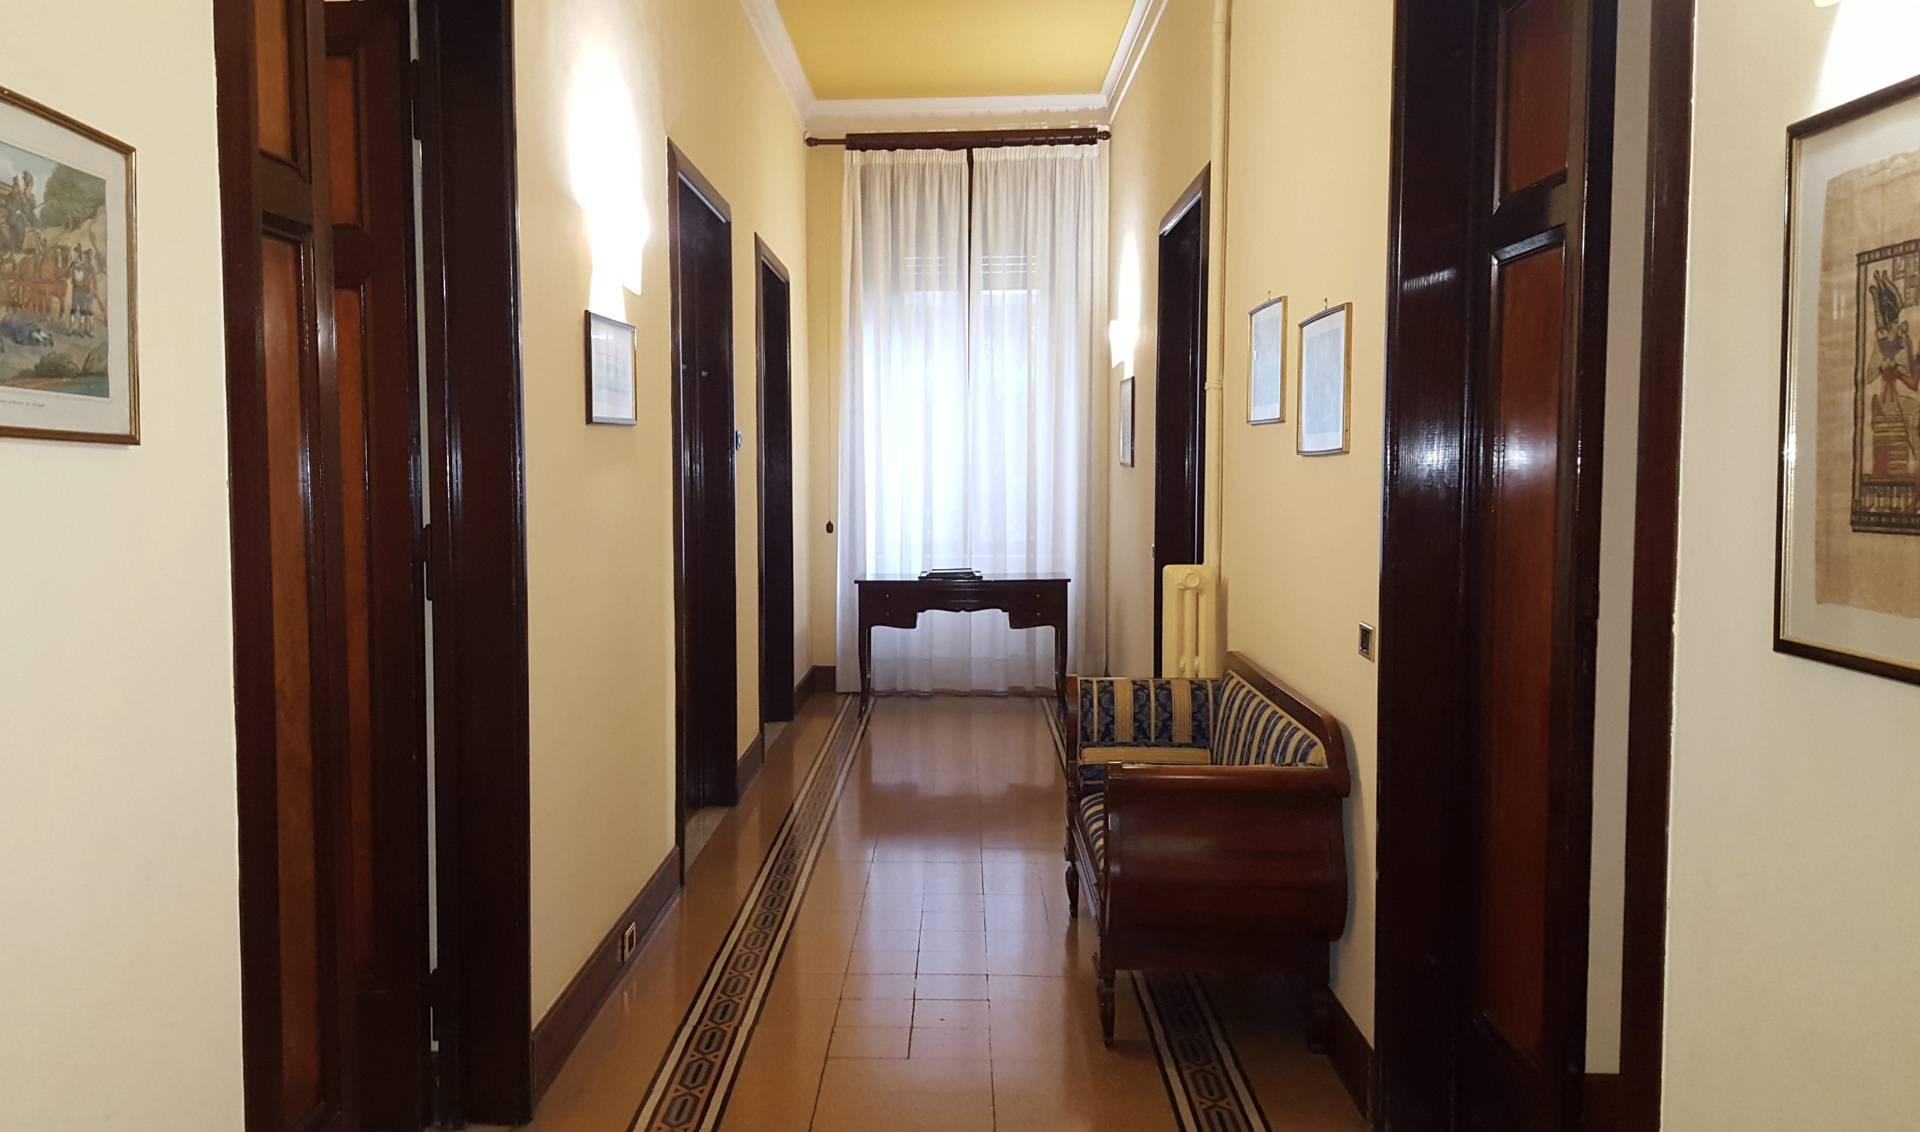 Ufficio / Studio in affitto a Teramo, 9999 locali, zona Località: VialeMazzini, prezzo € 800 | CambioCasa.it